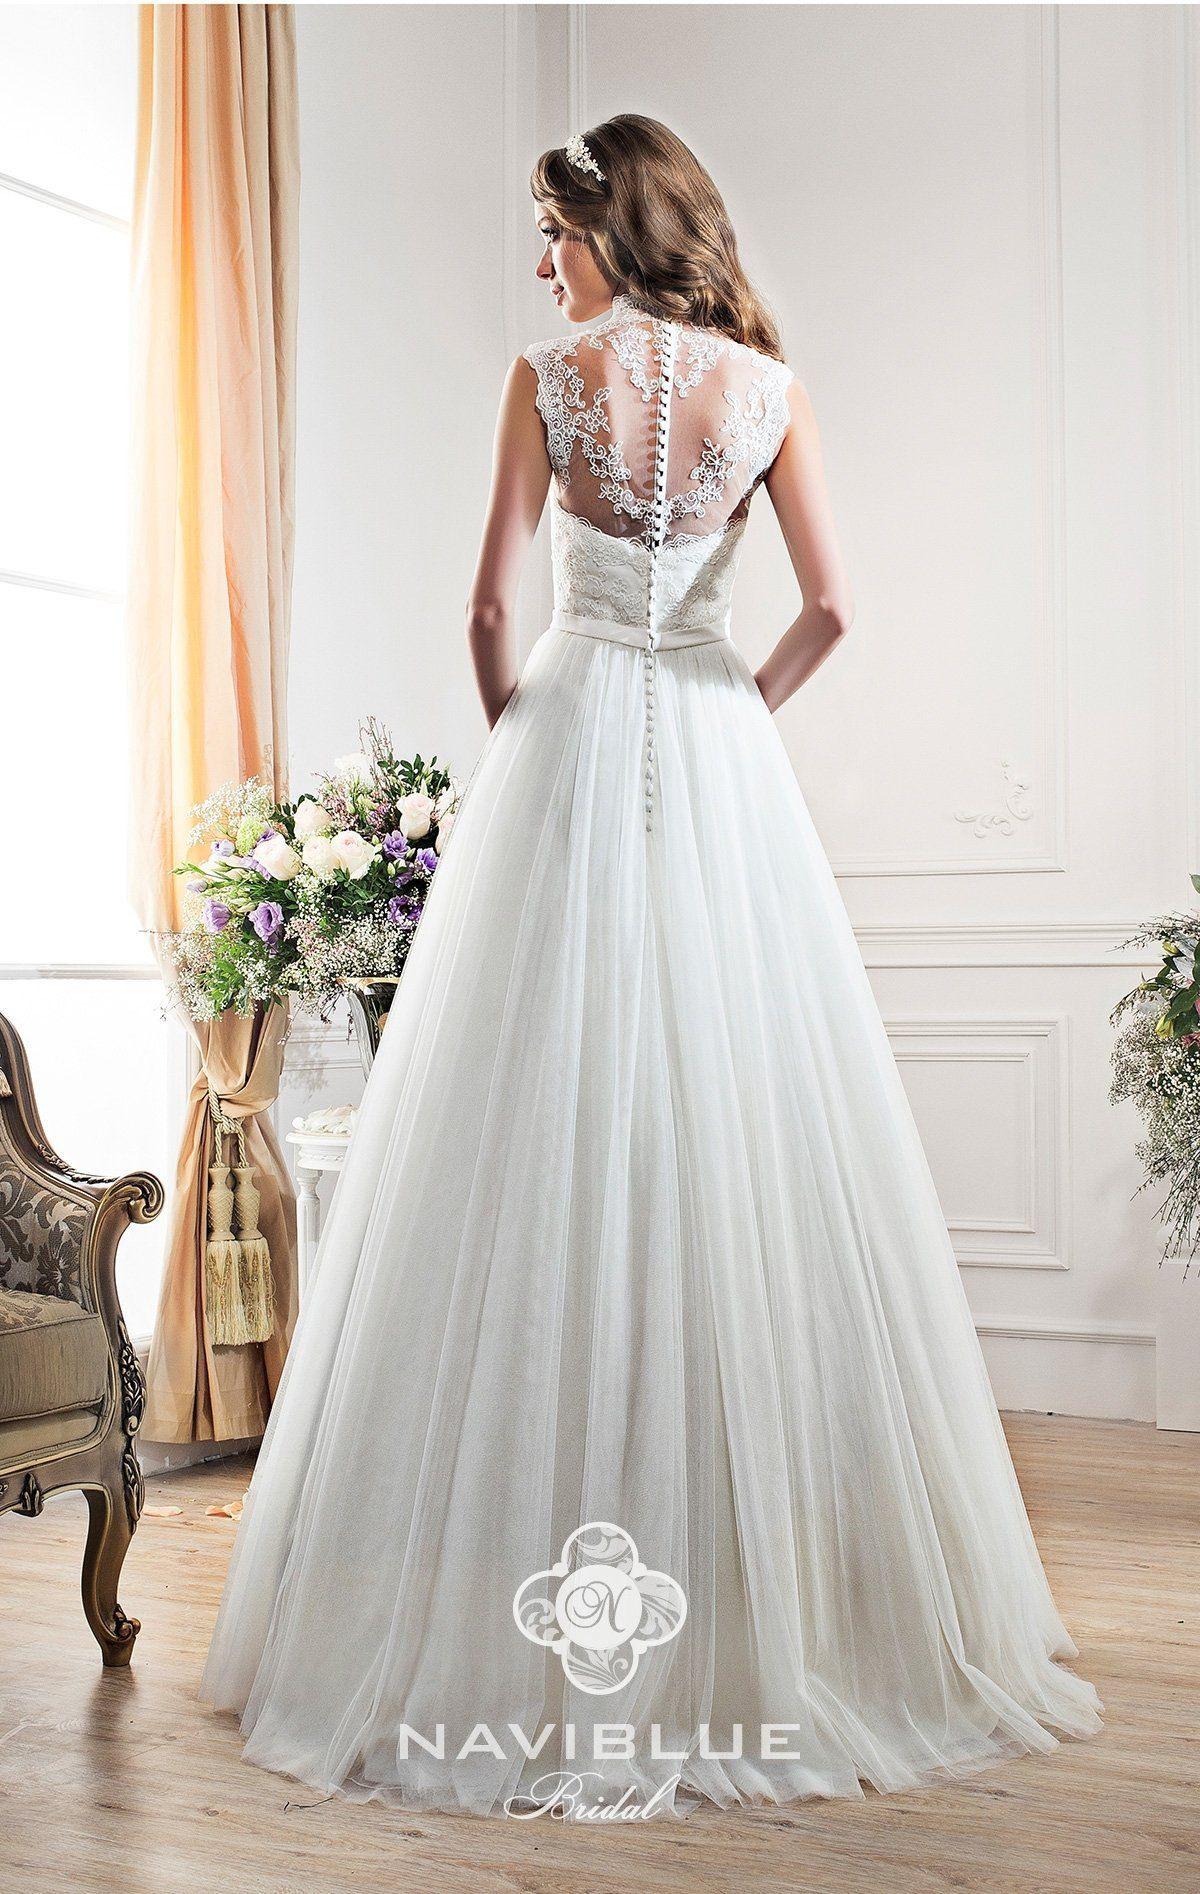 Brautkleid Jena Www.lavie-Brautmode.de   Sleeveless Wedding